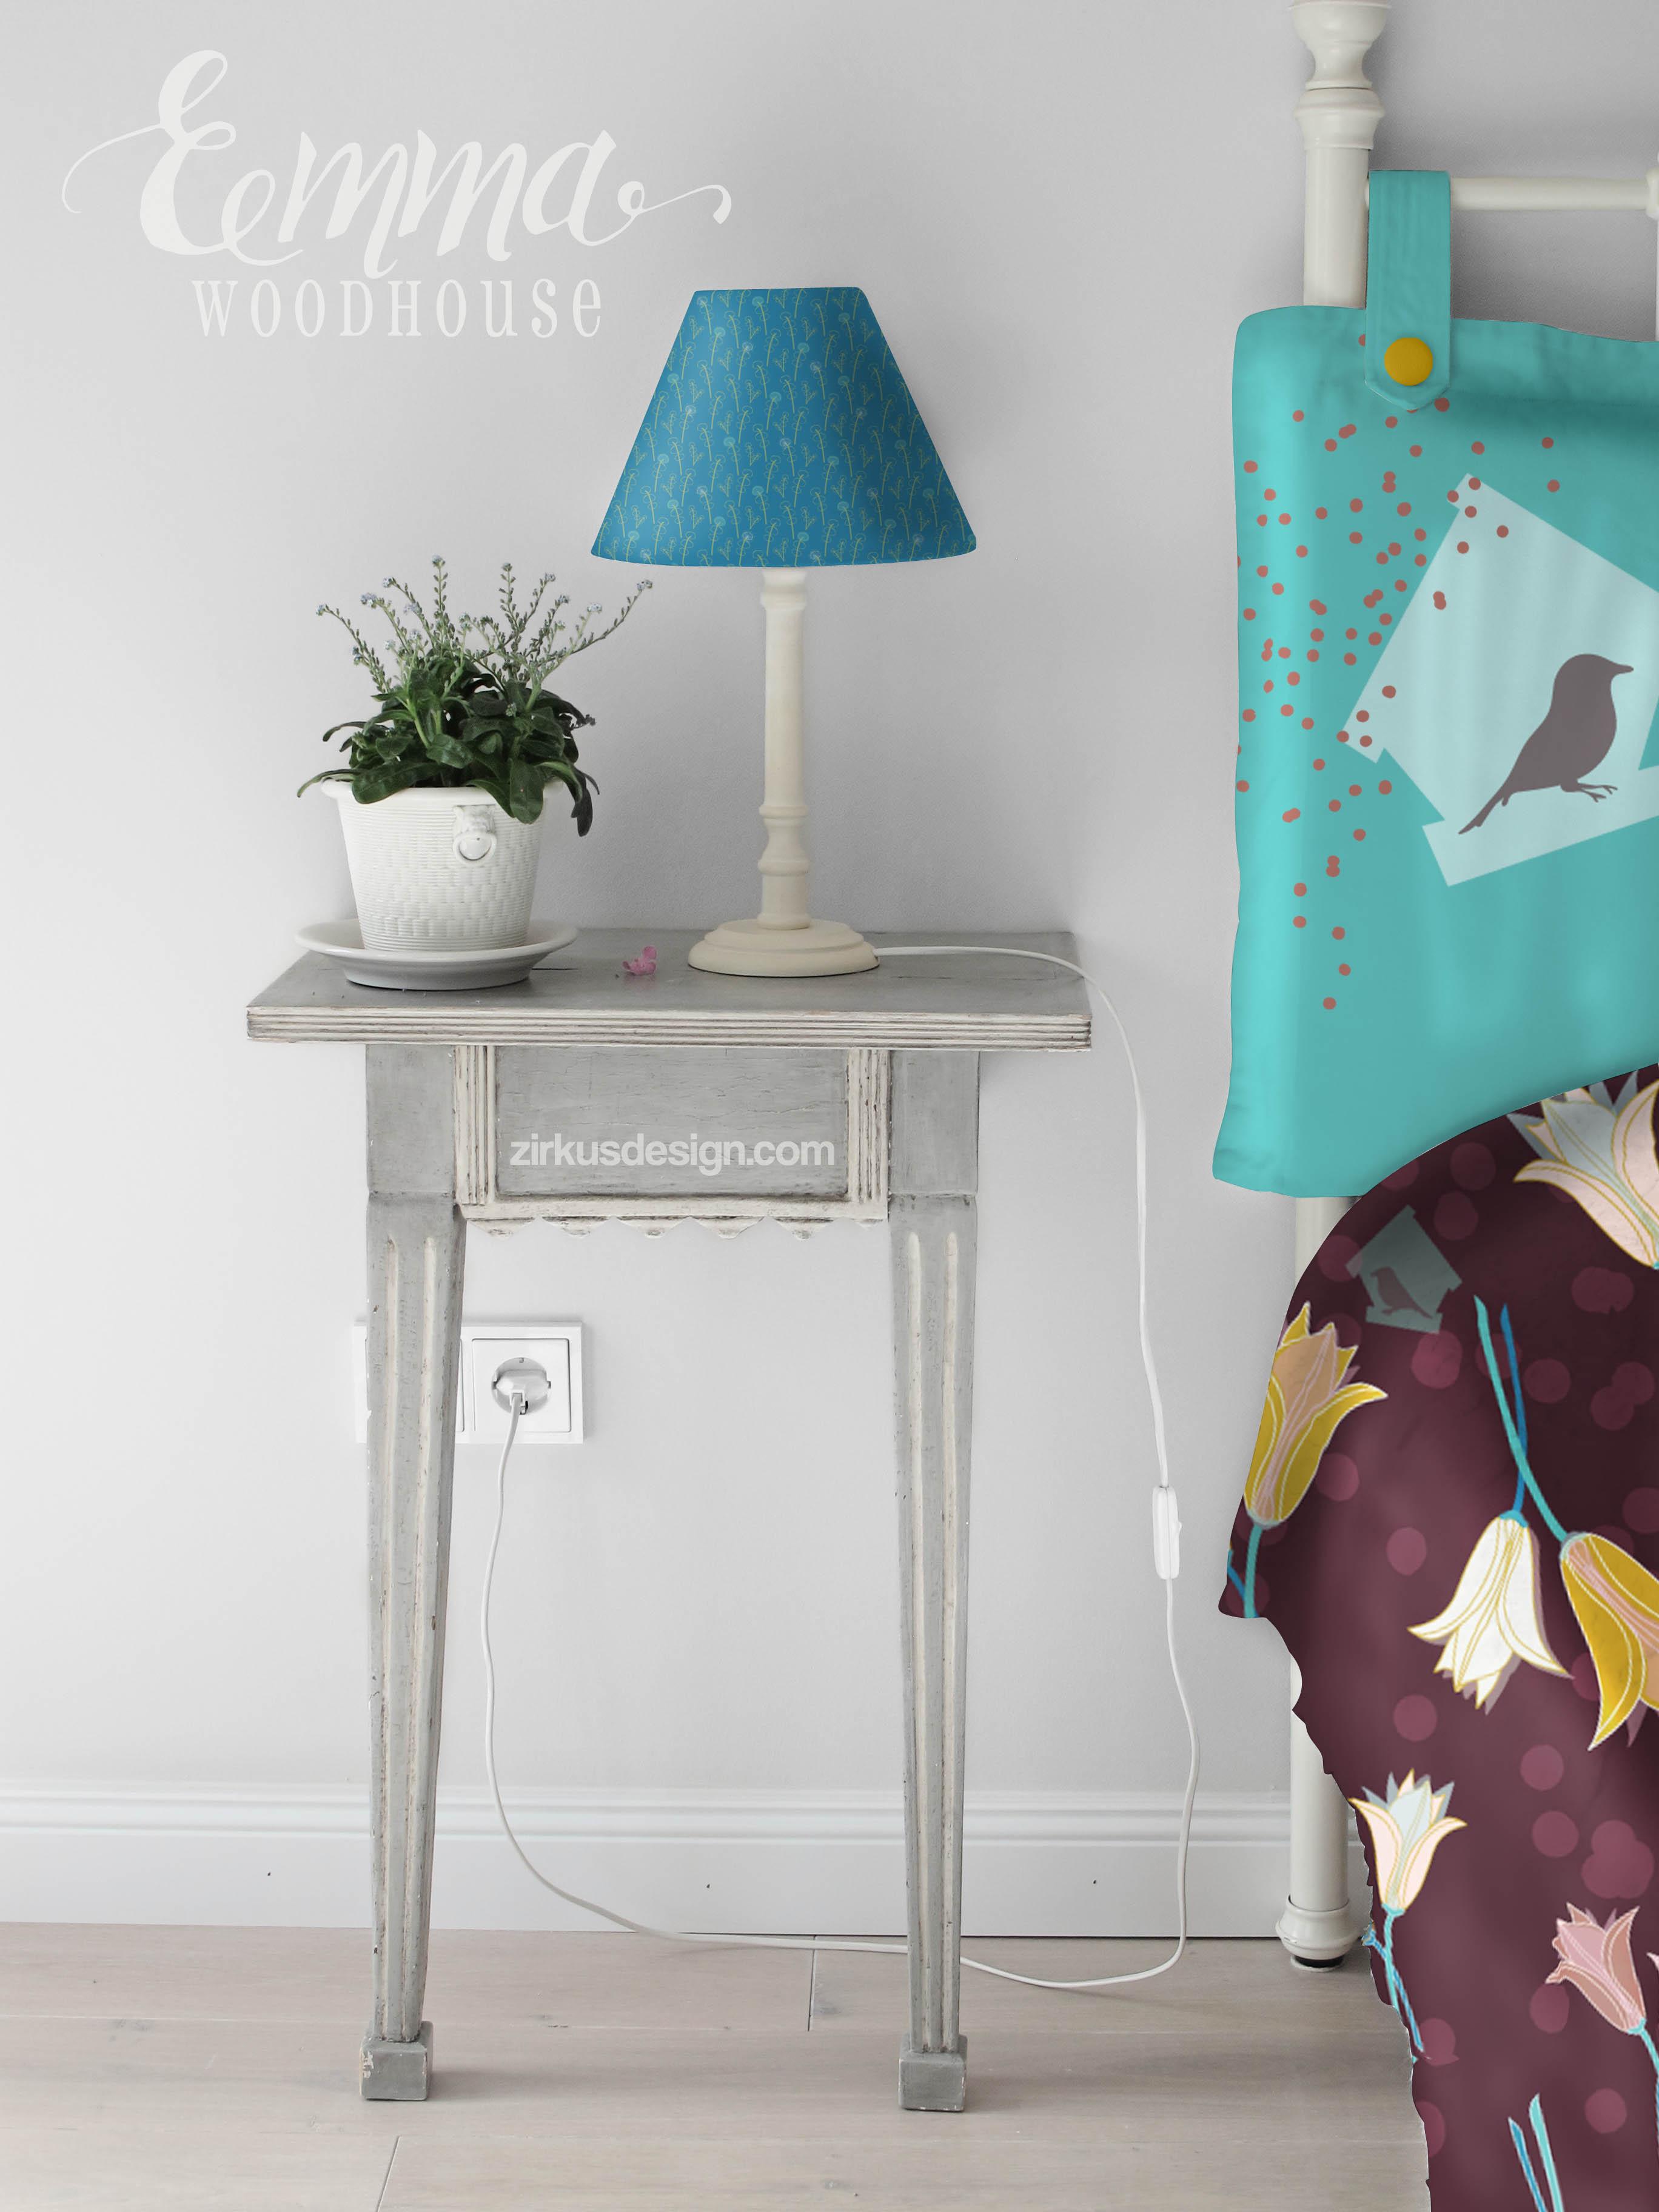 Zirkus Design | Emma Woodhouse Surfac Pattern Design Collection Bedroom Home Textiles Mockup v2